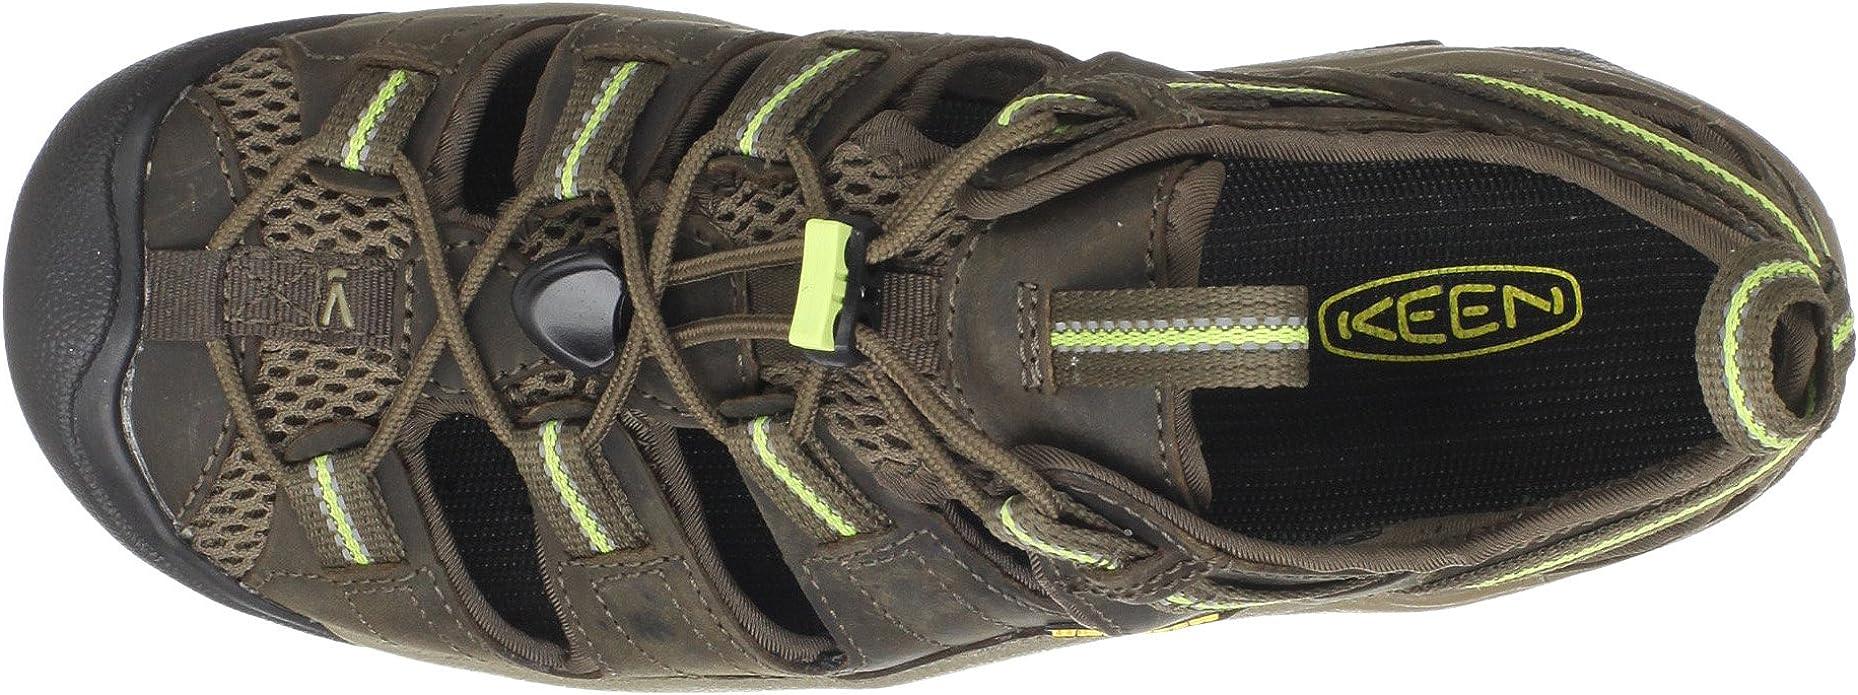 Keen chaussures femmes Arroyo II 1004147